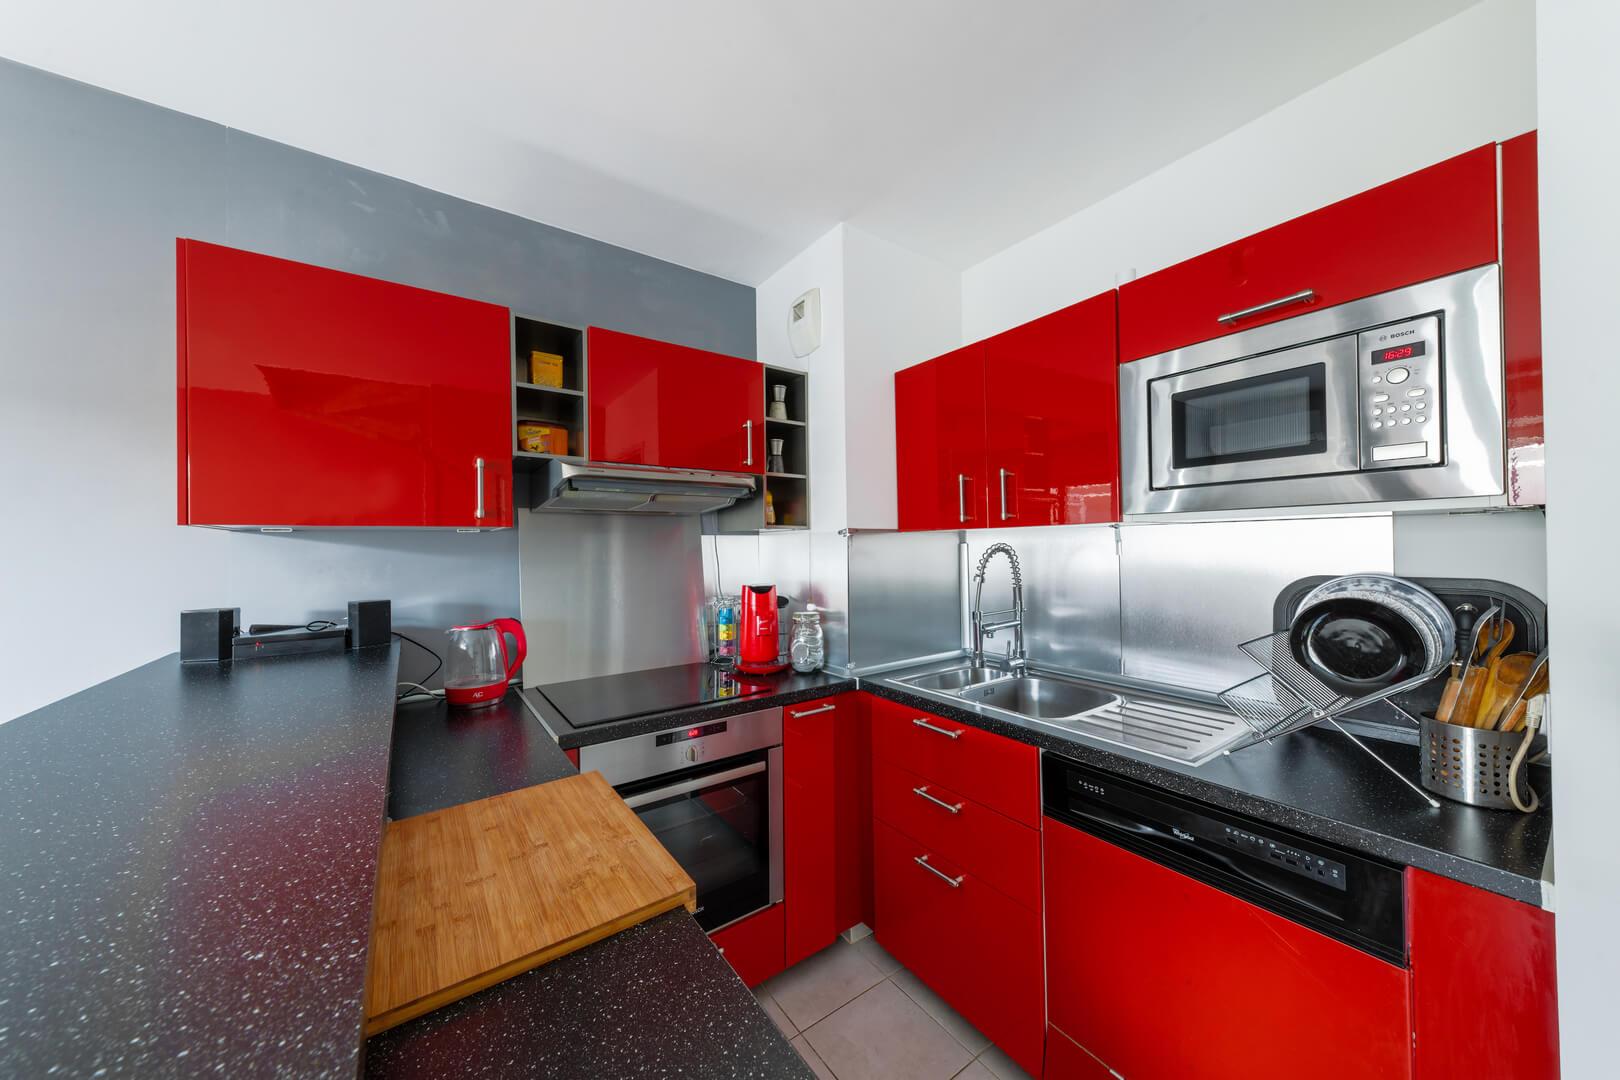 Homki - Vente Maison/villa  de 53.0 m² à Marseille 13015